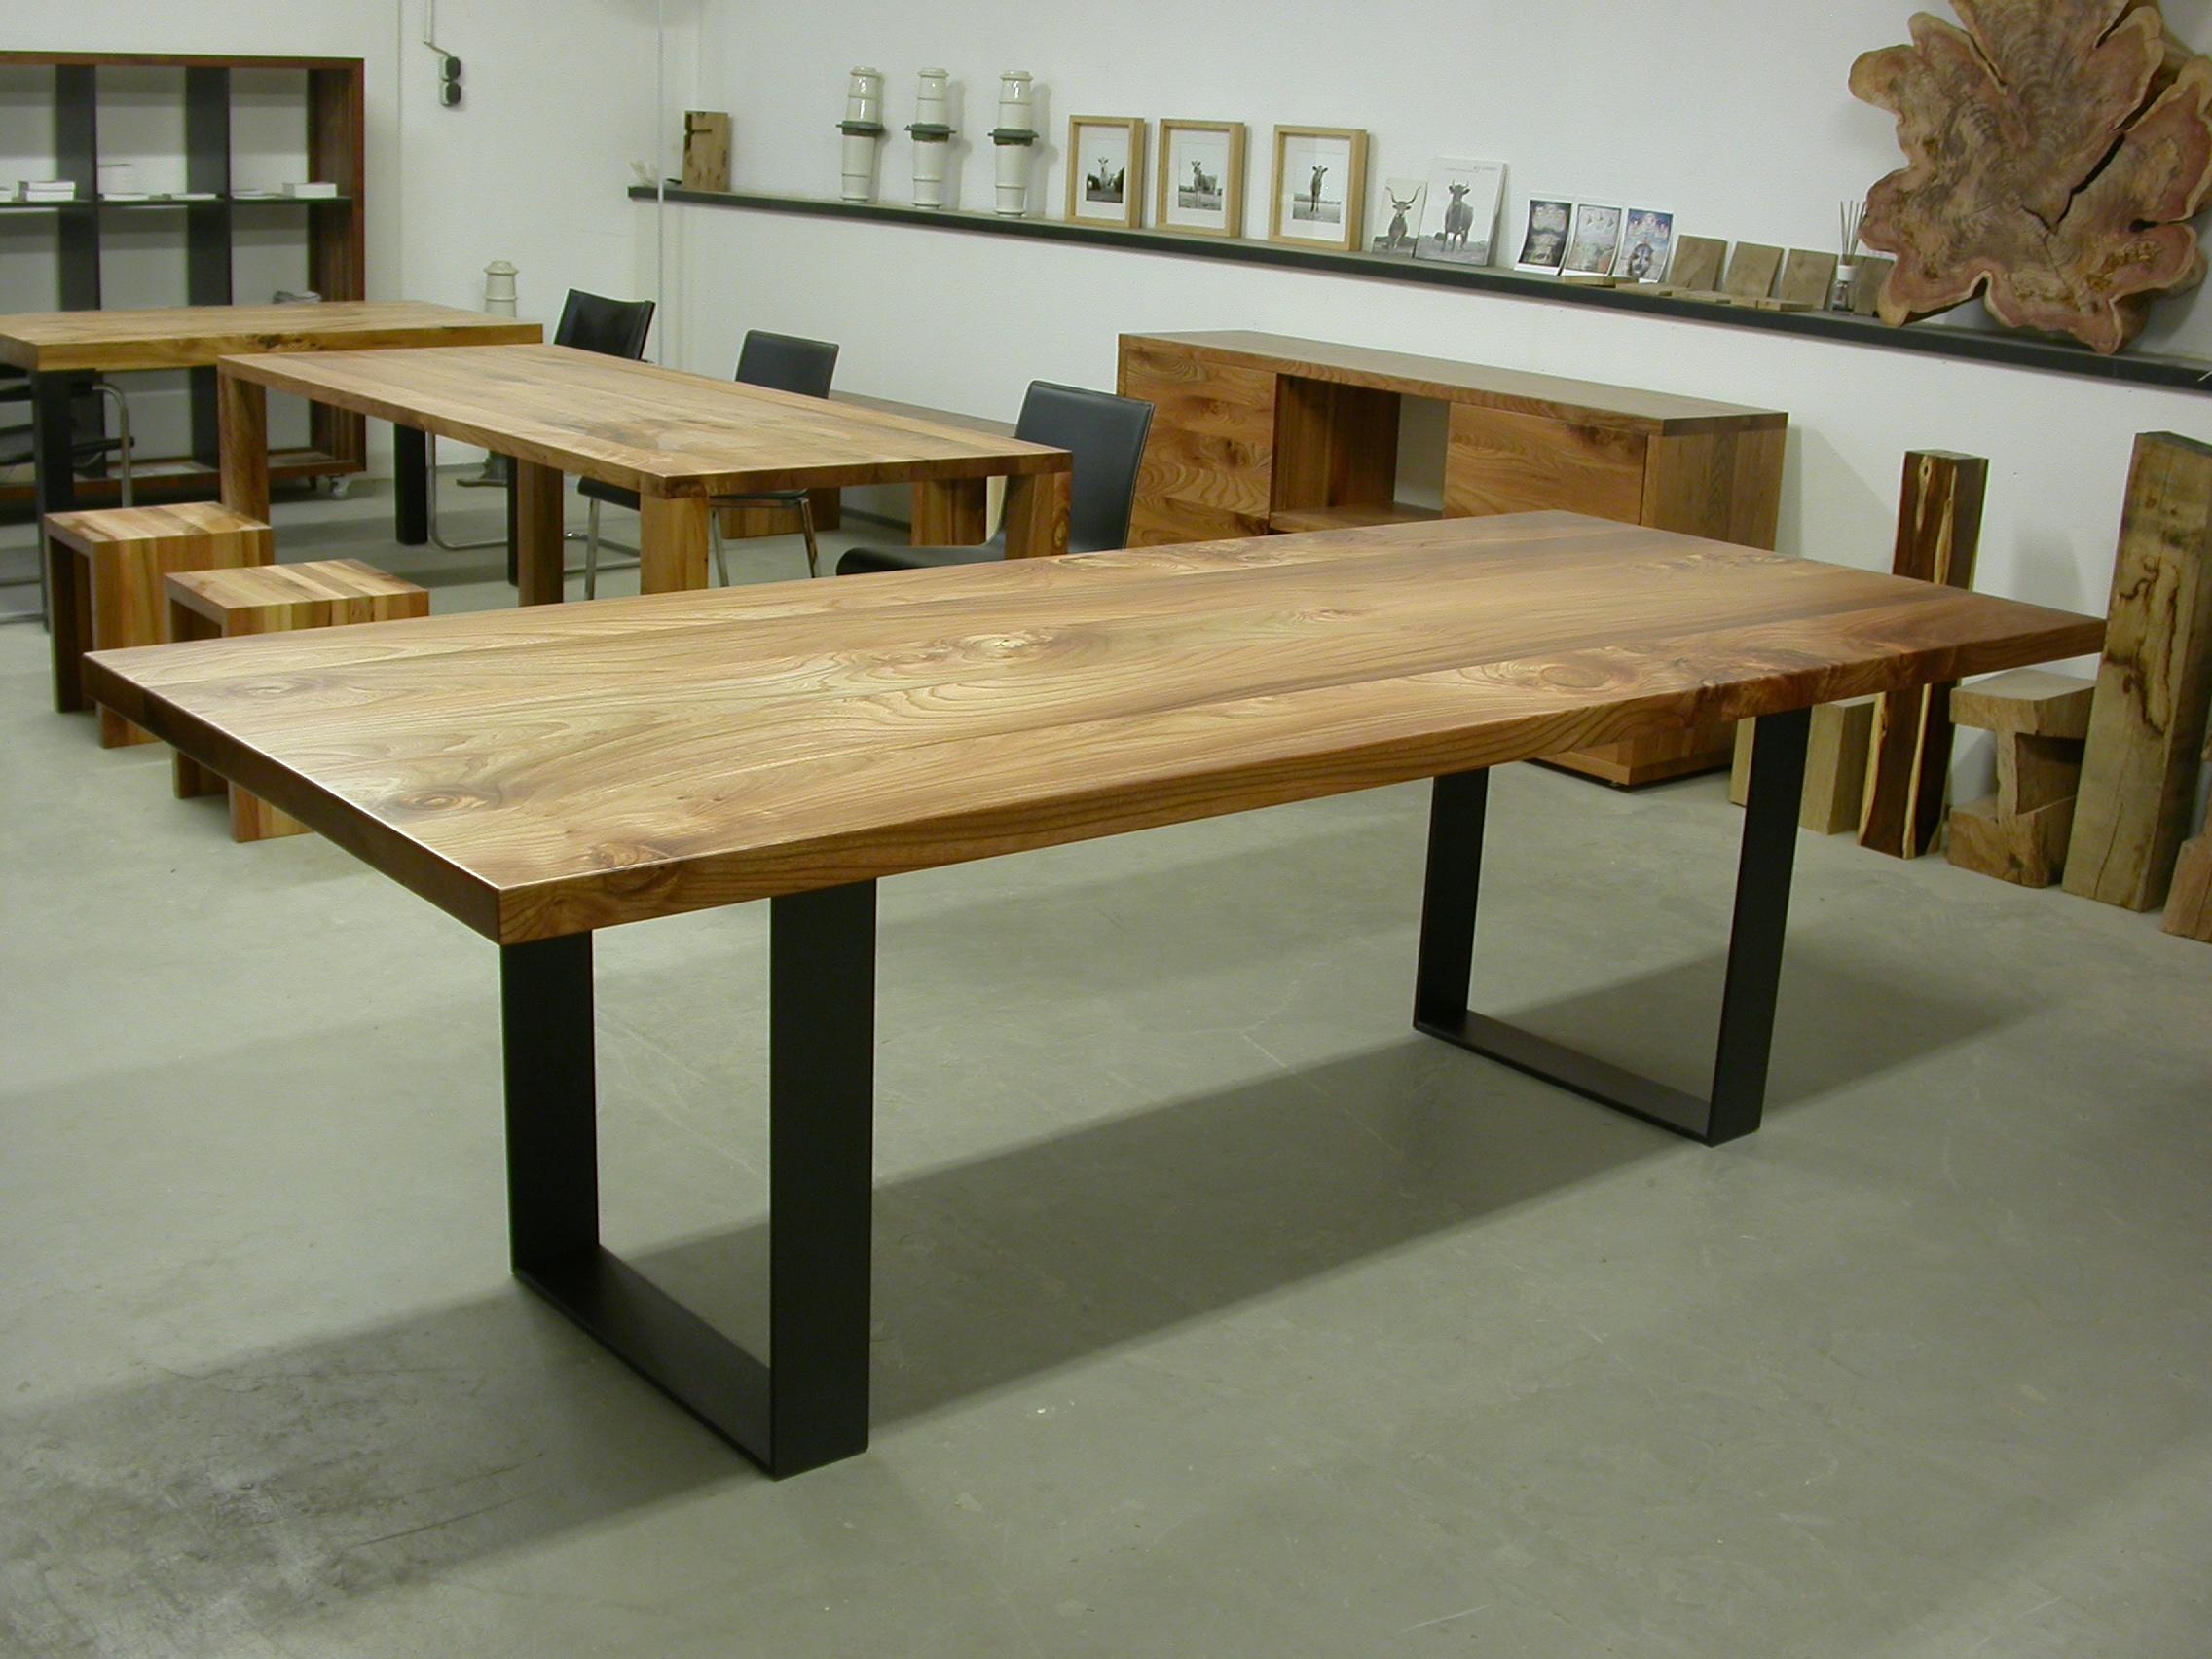 Kufentisch Oscar auf Rüster und Stahl, 250 x 100 cm Plattenstärke 50 mm 1900 Euro inkl. 19% Umsatzsteuer,ab Werkstatt.